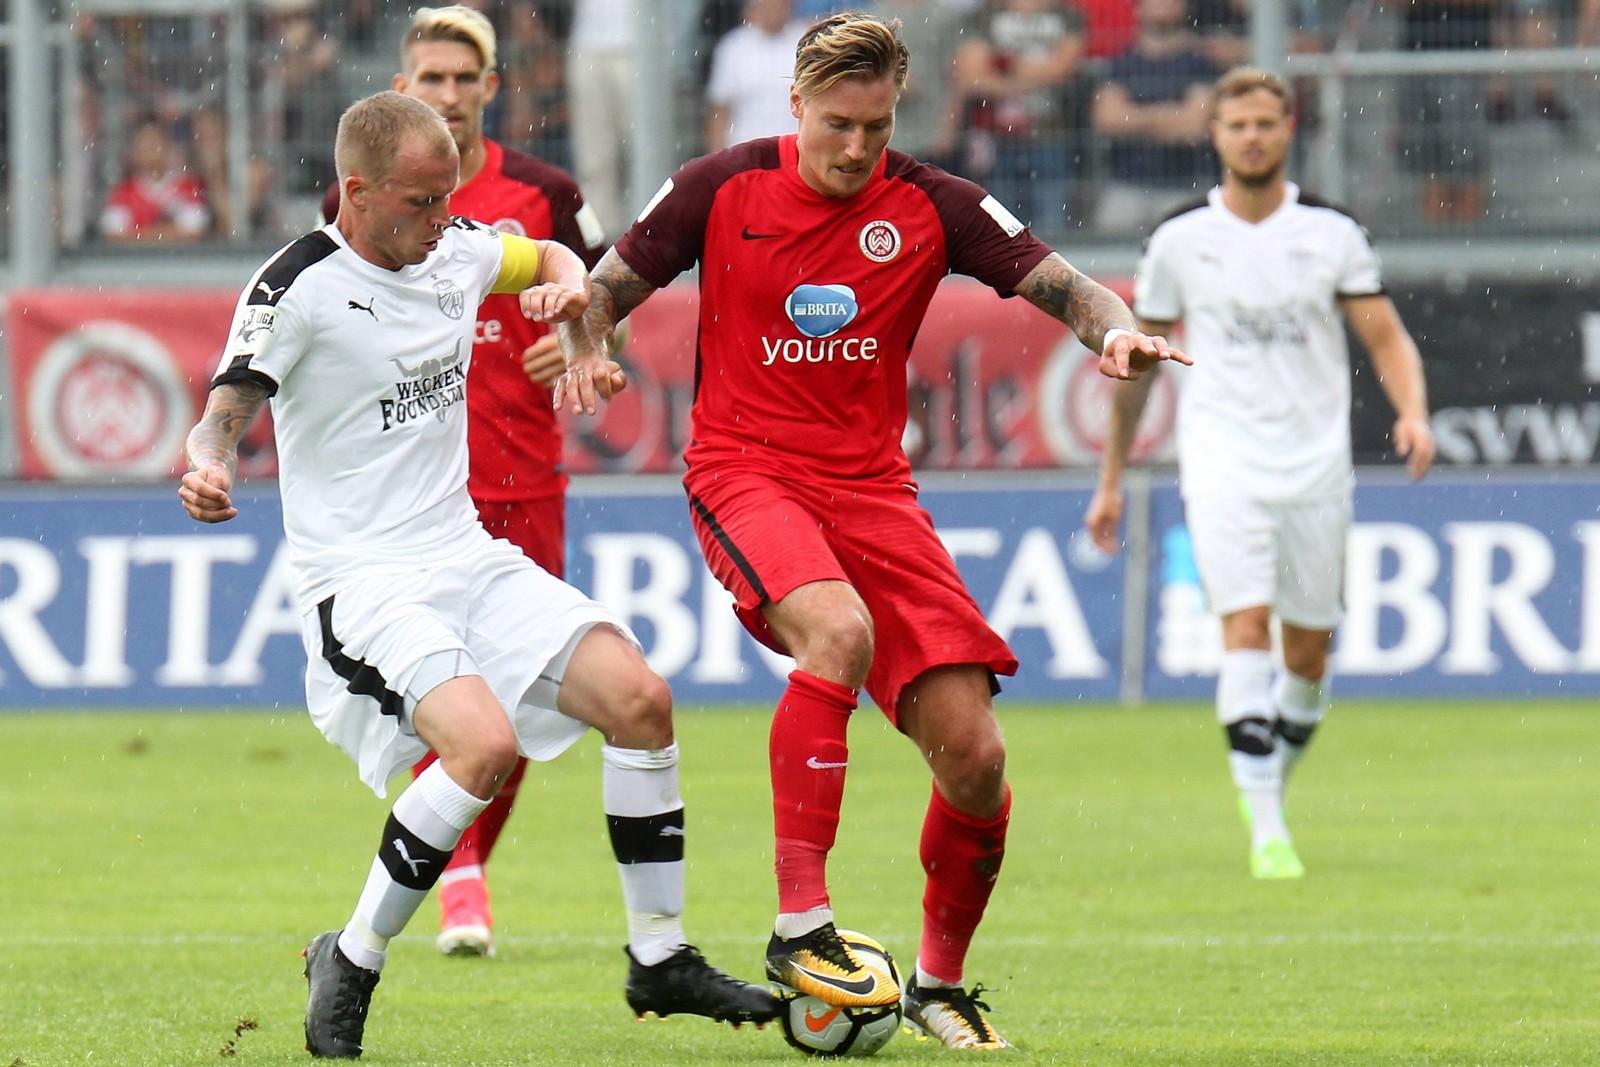 Wie oft trifft Manuel Schäffler gegen Jena? Jetzt auf Wehen Wiesbaden gegen Carl Zeiss Jena wetten!